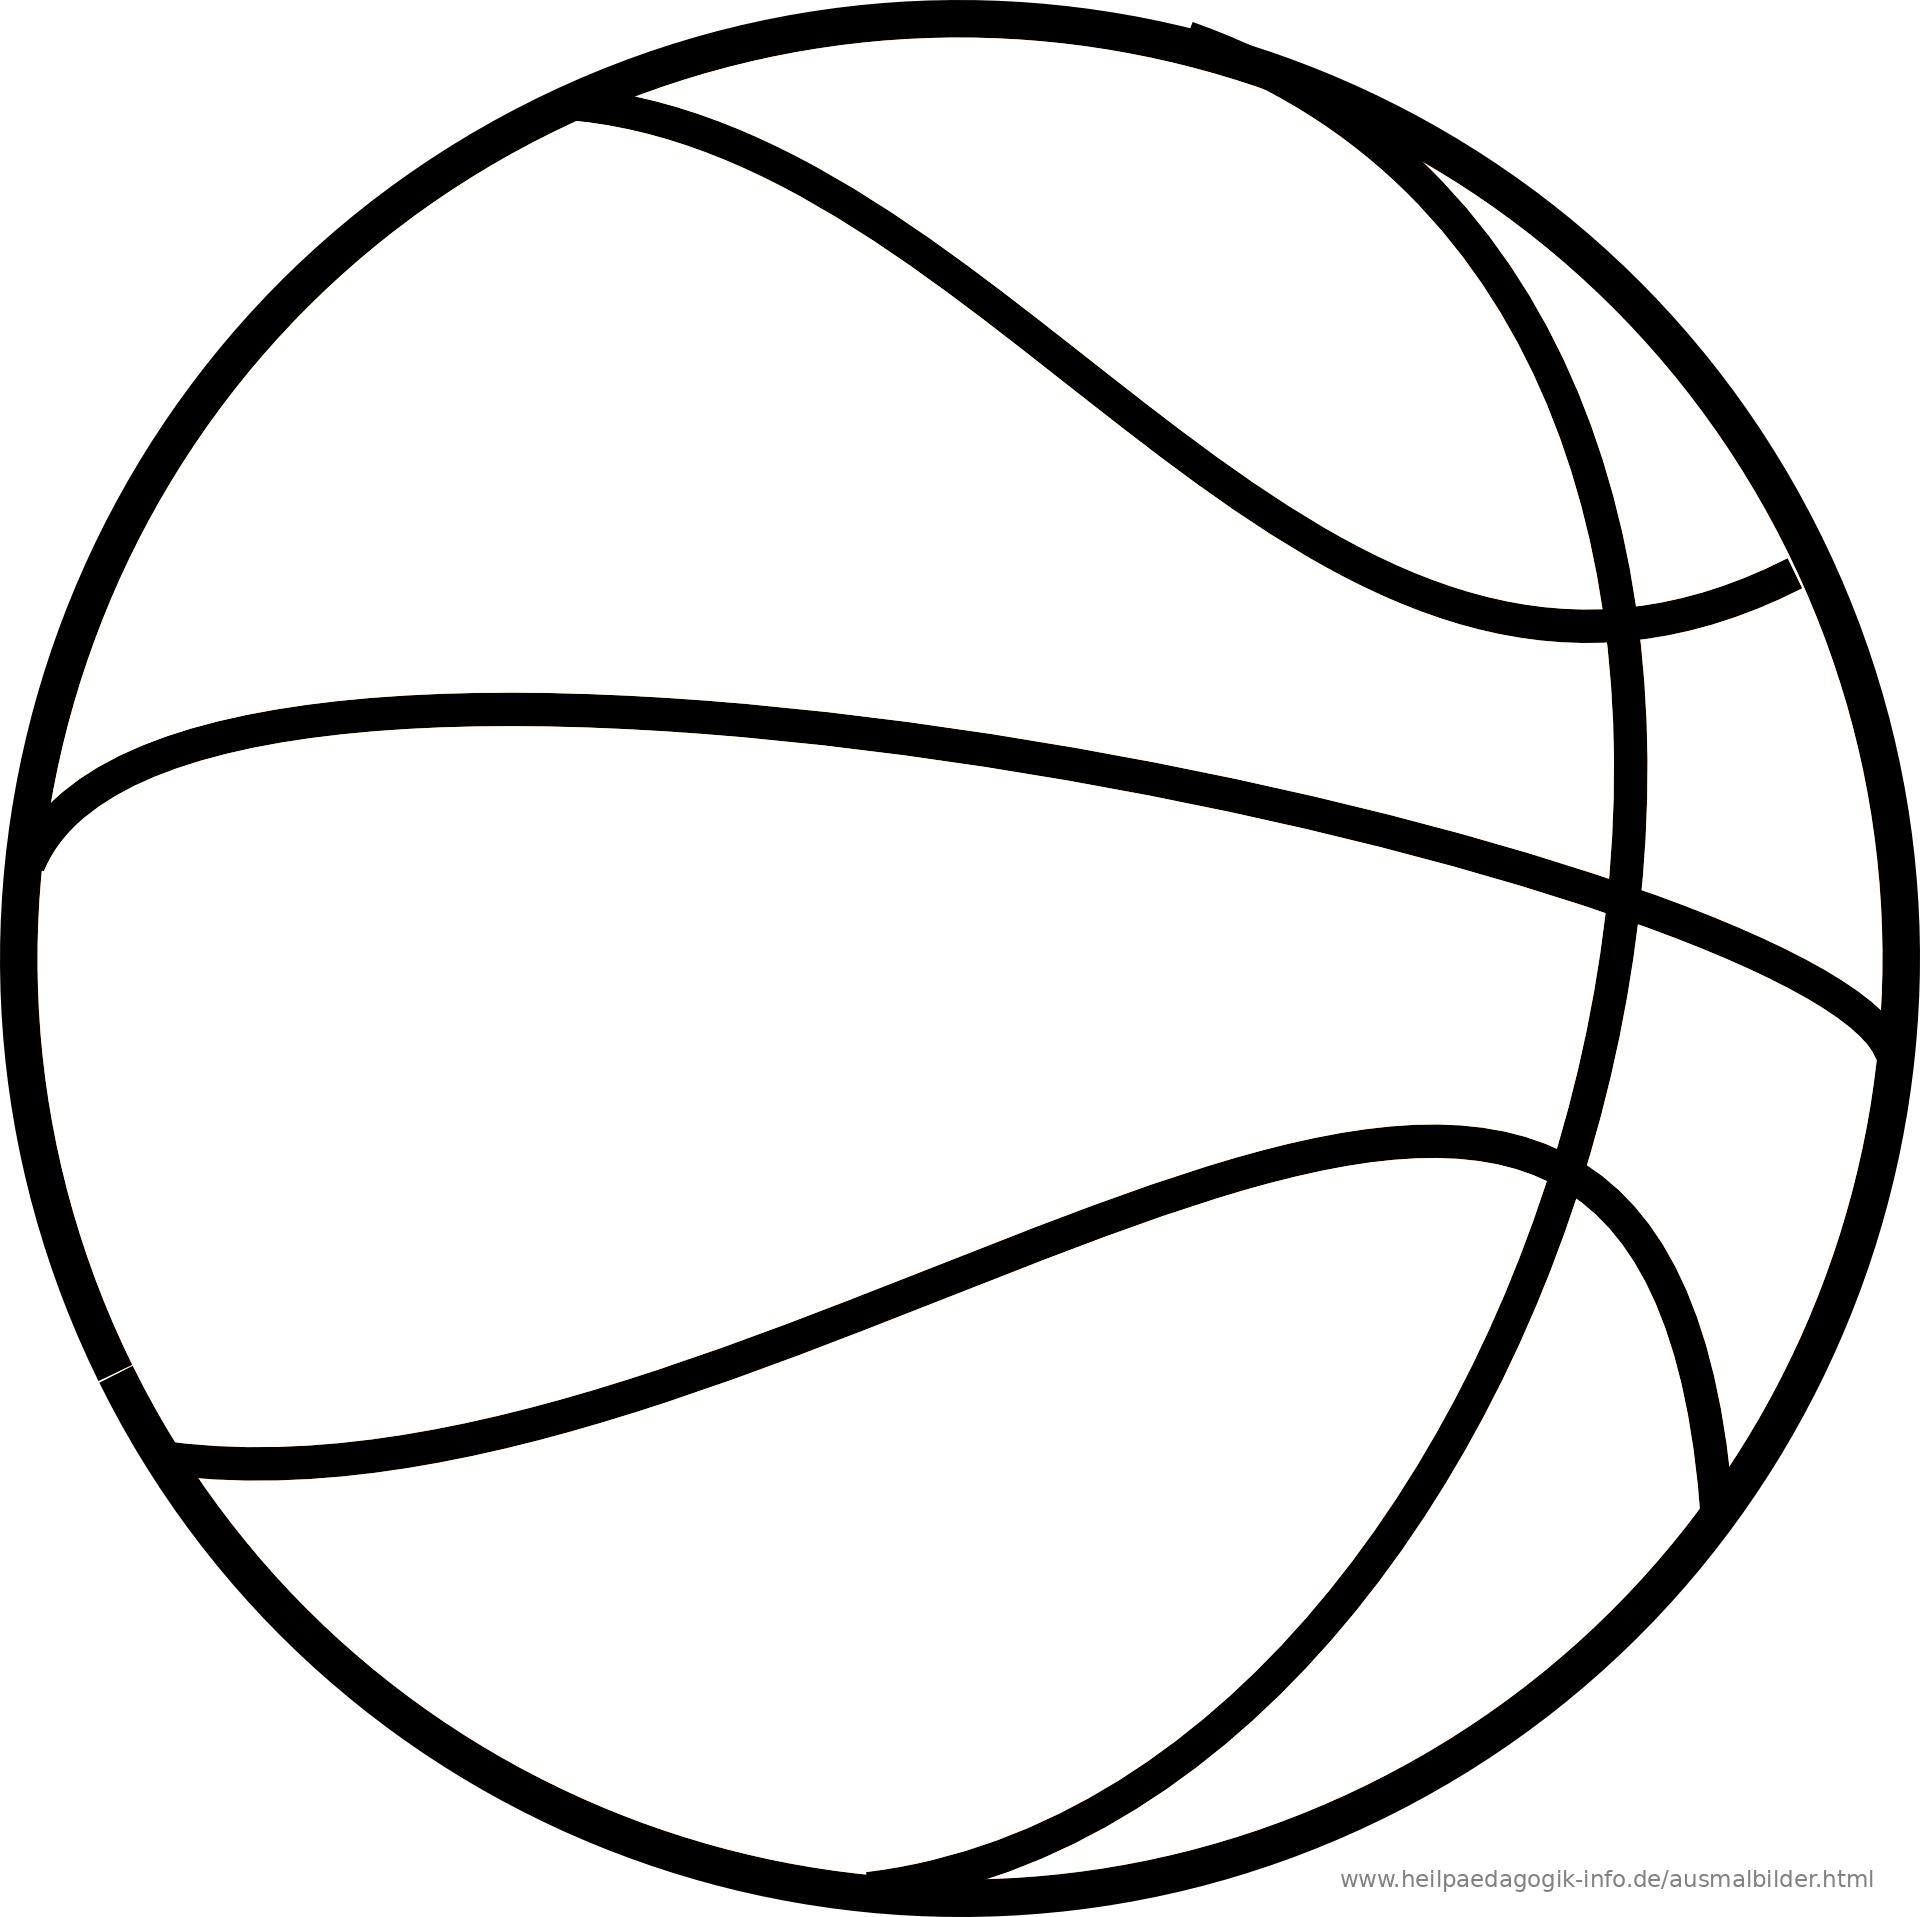 Nett Basketball Ball Malvorlagen Ideen - Malvorlagen Von Tieren ...